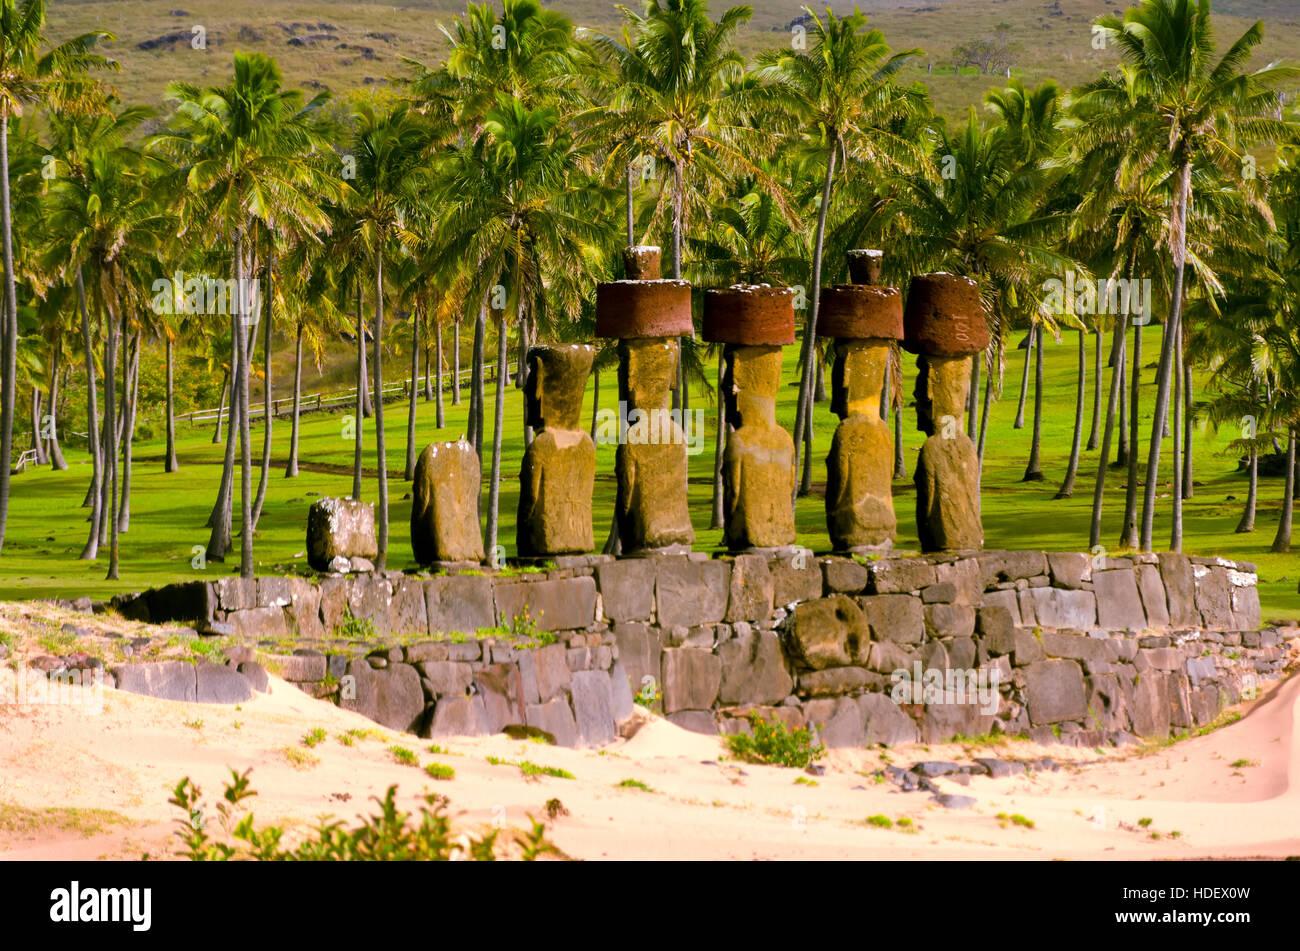 Moai sur une plage sur l'île de Pâques, Chili Photo Stock